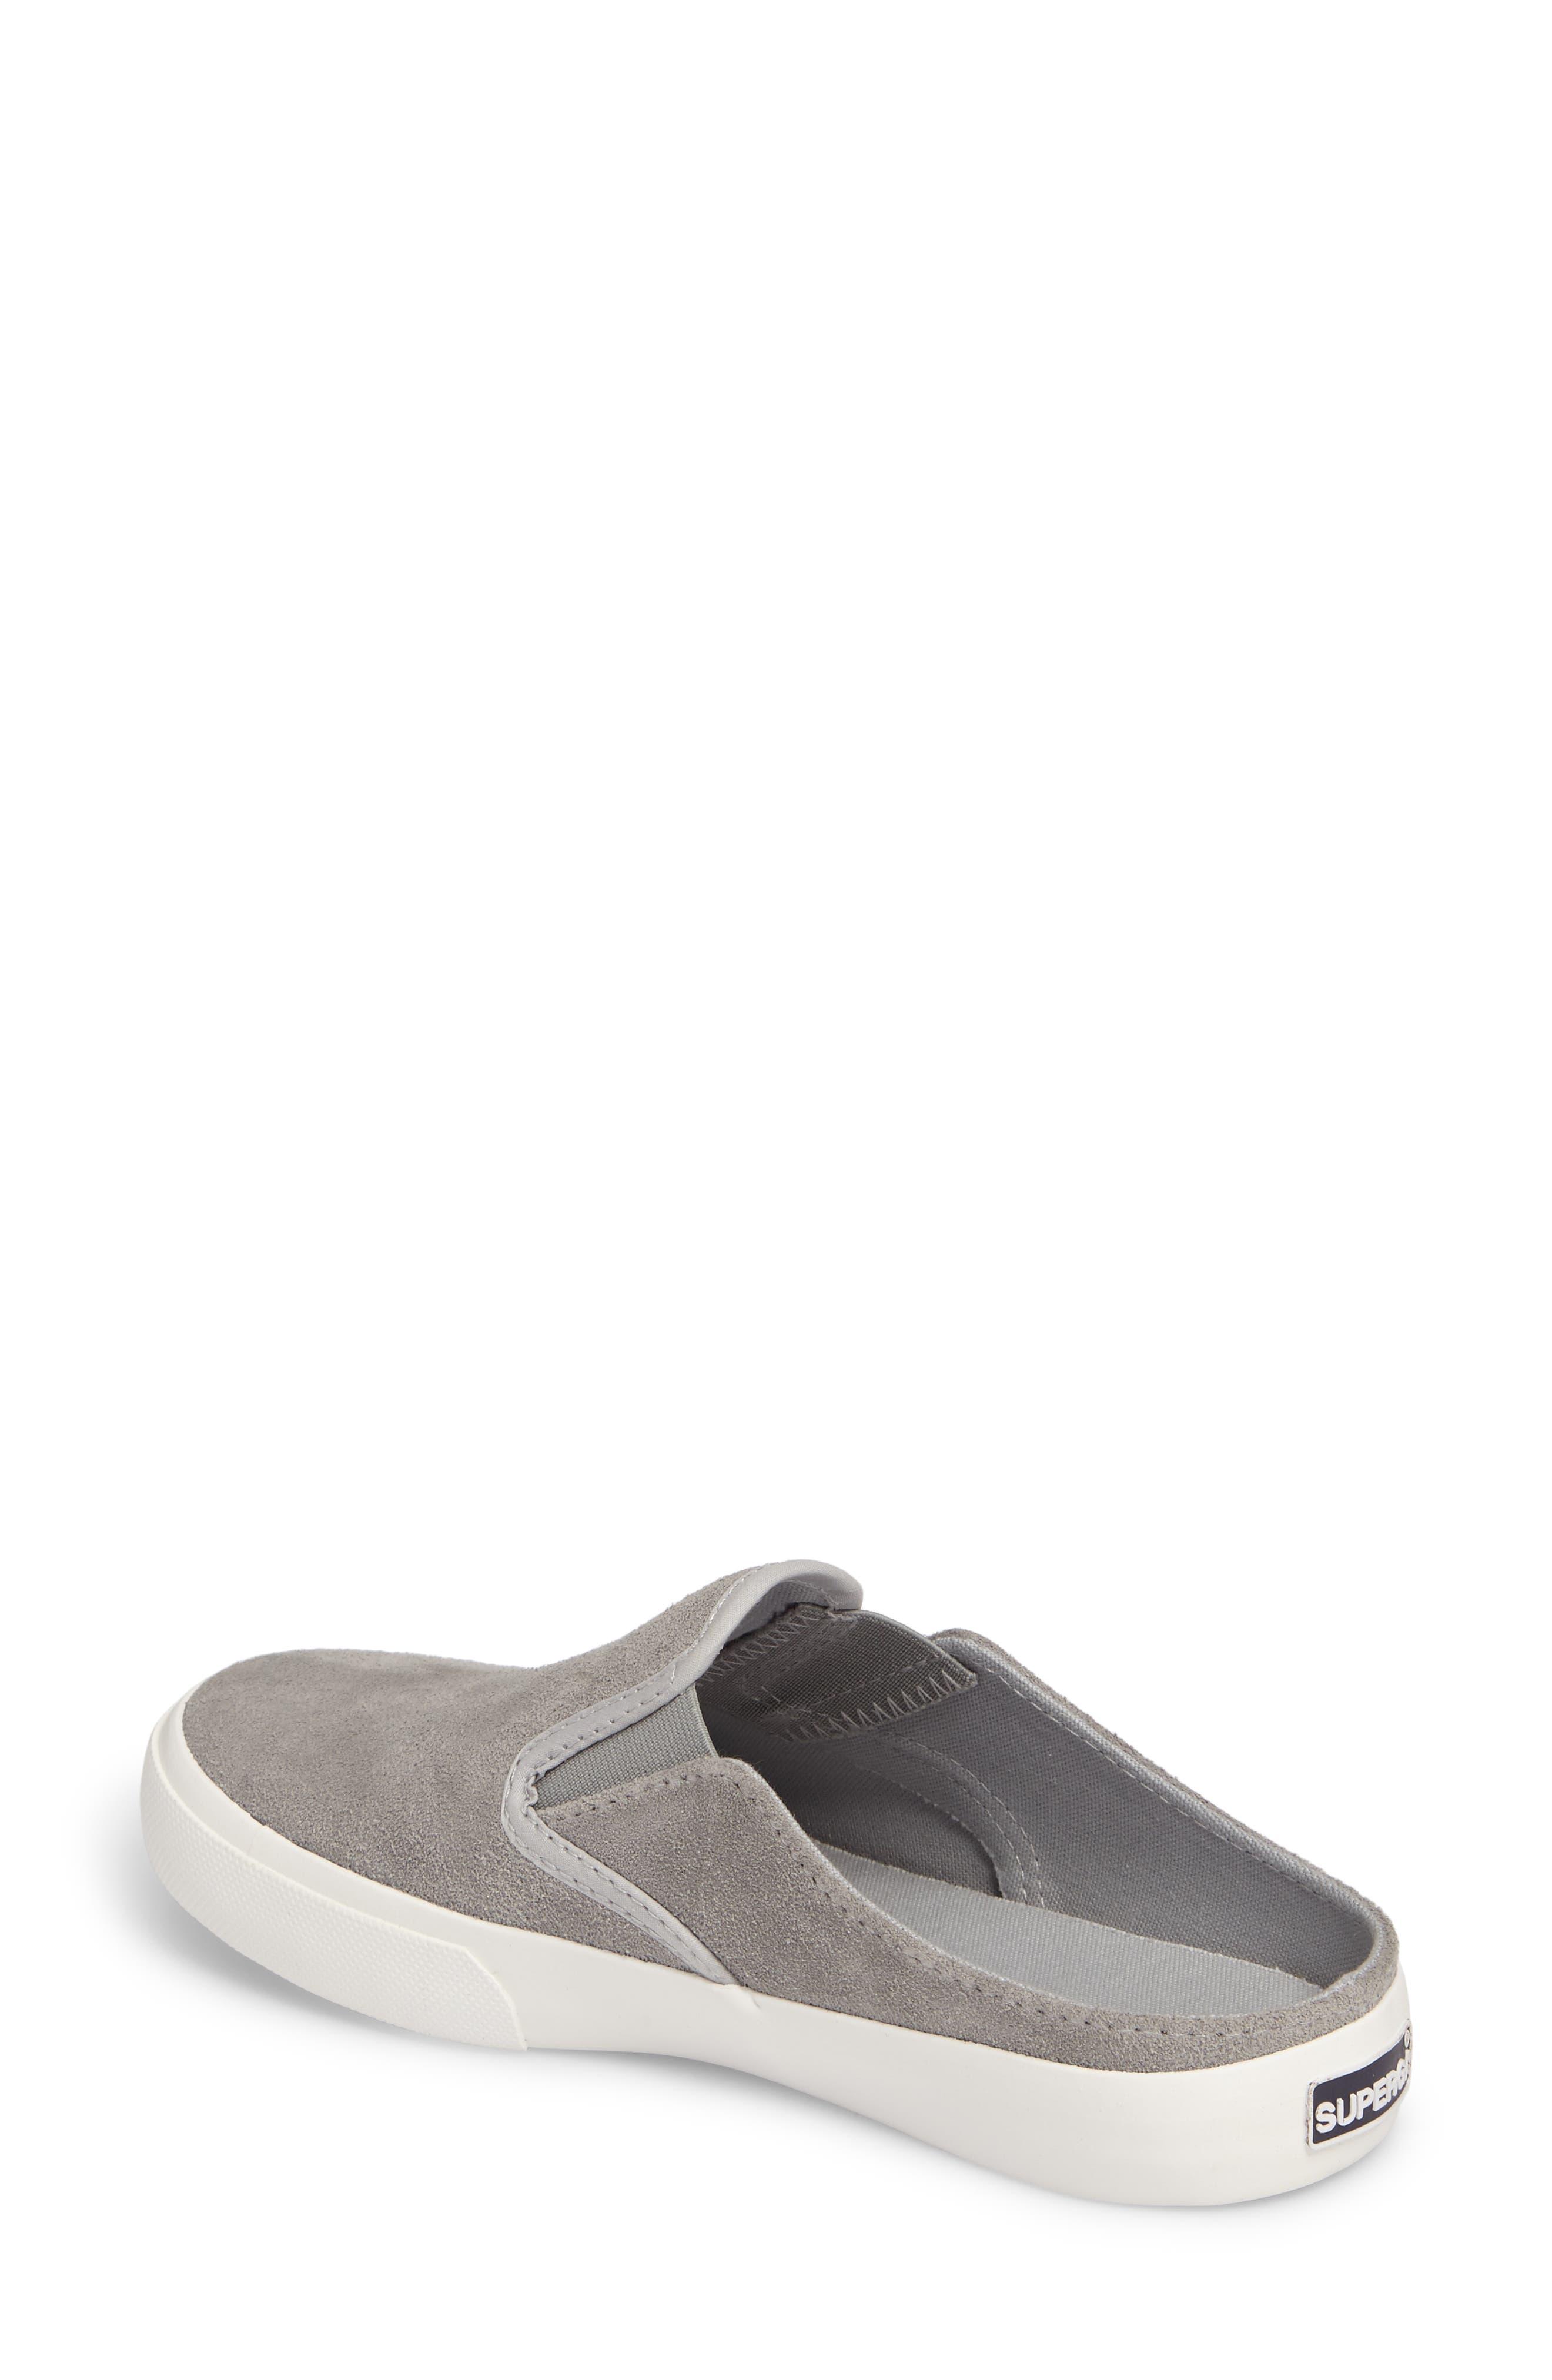 Slip-On Mule Sneaker,                             Alternate thumbnail 2, color,                             020